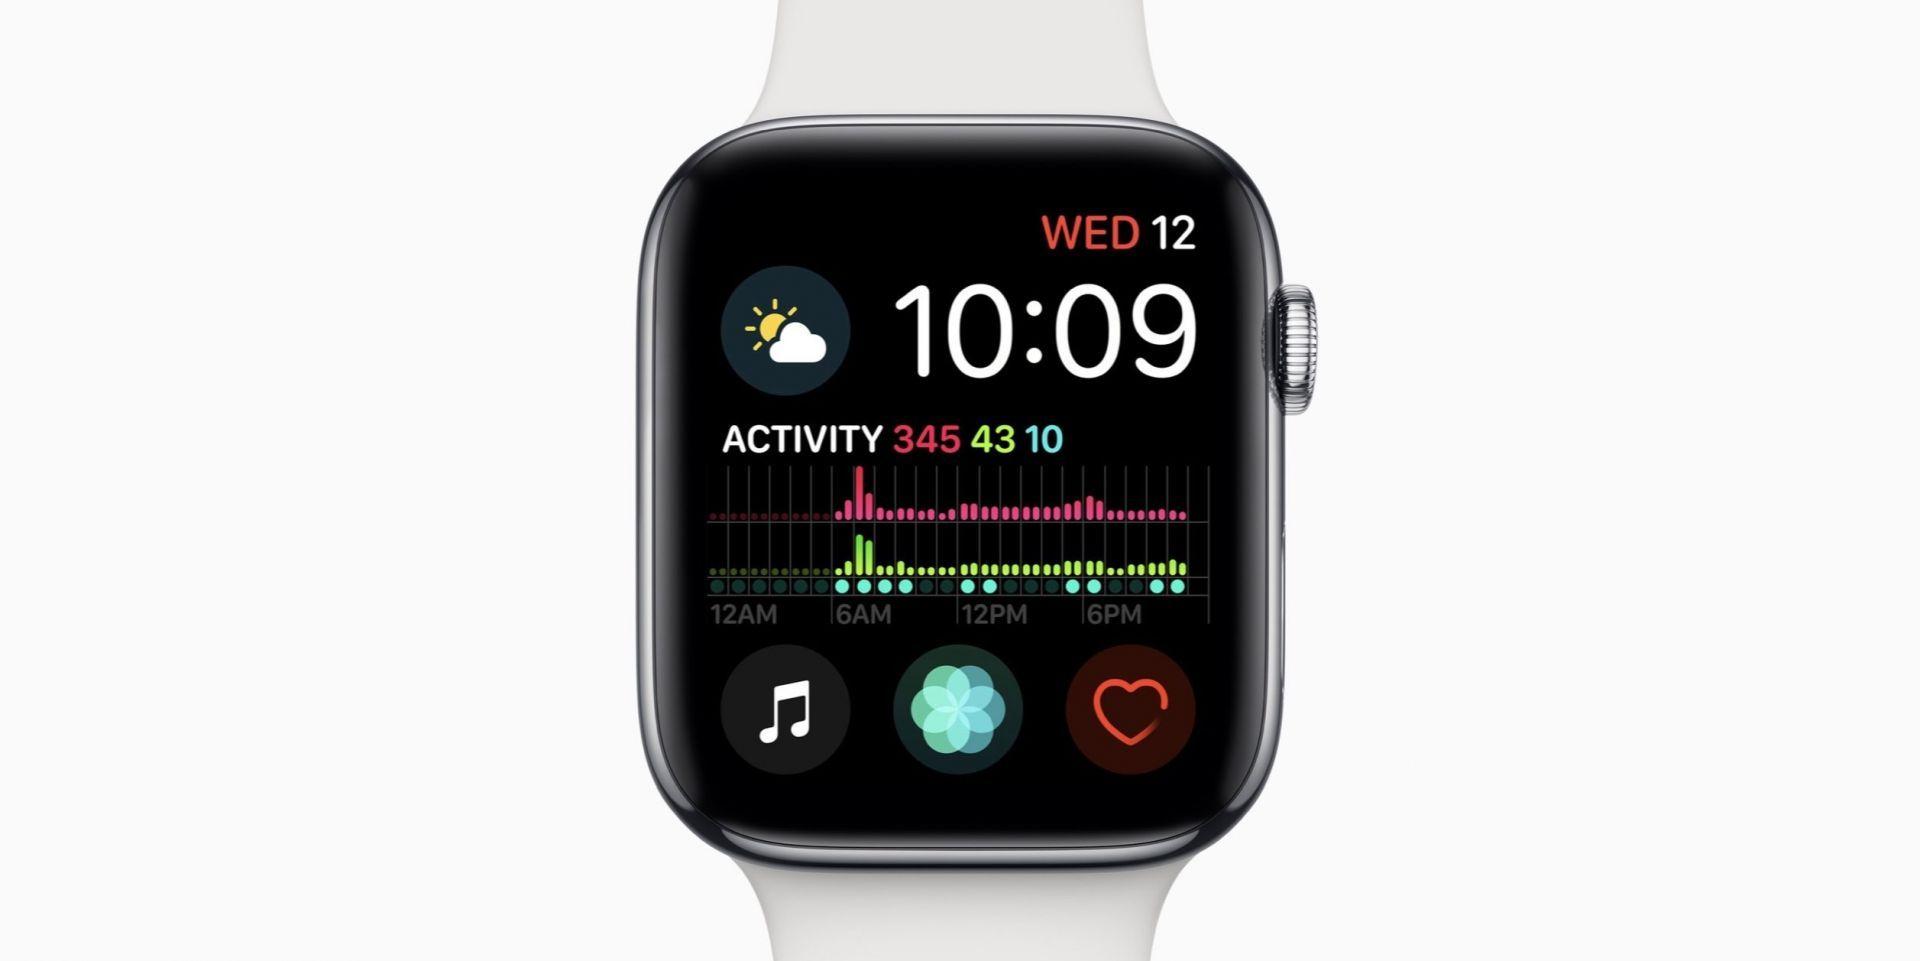 新款Apple Watch遇无限重启: 图文表盘背锅